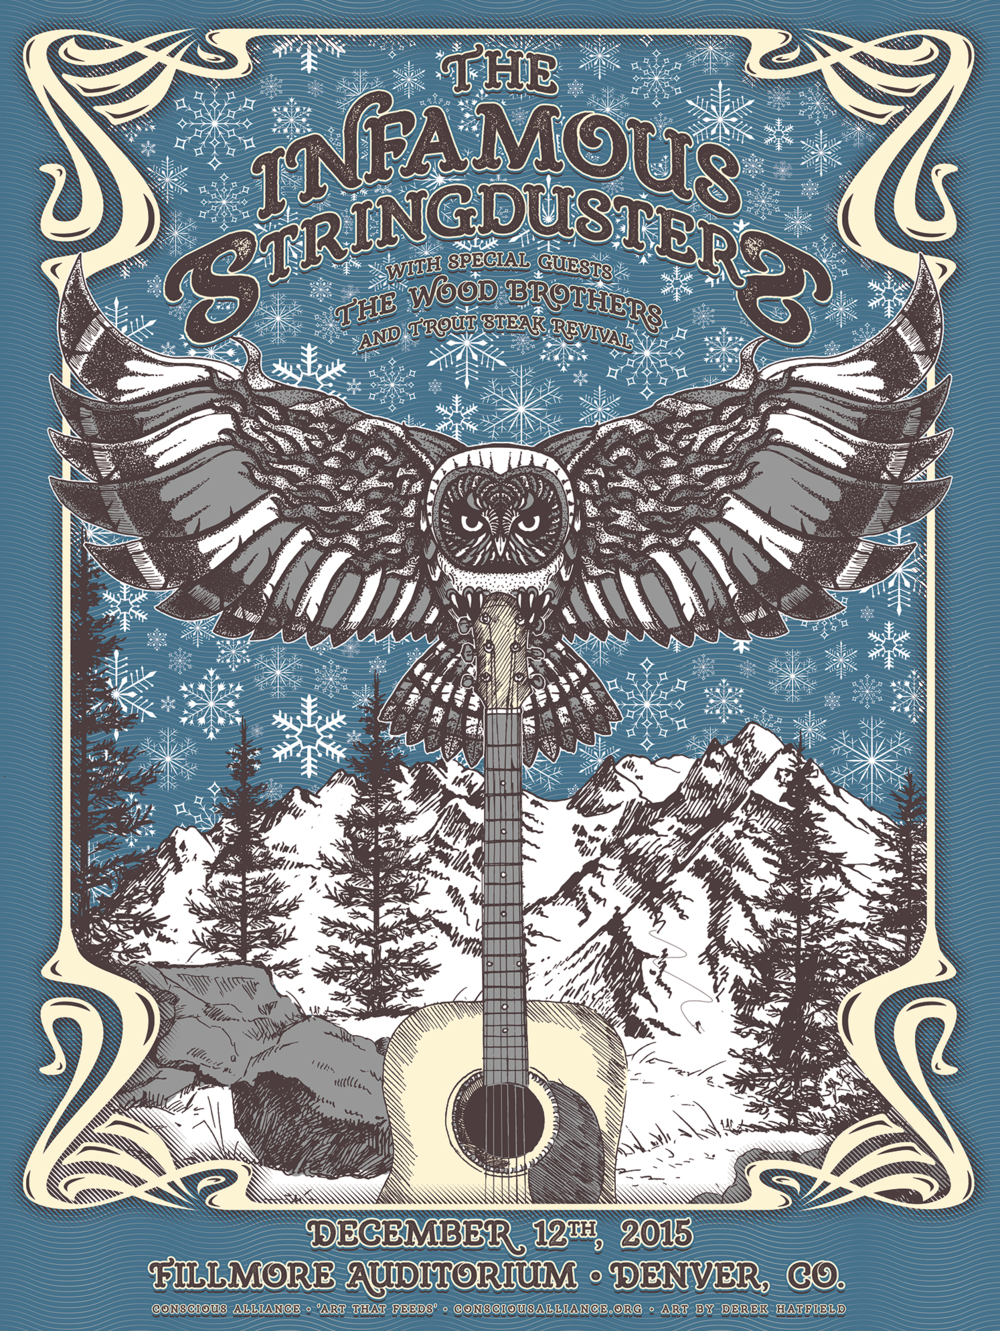 Infamous Stringdusters - 12.12.2015